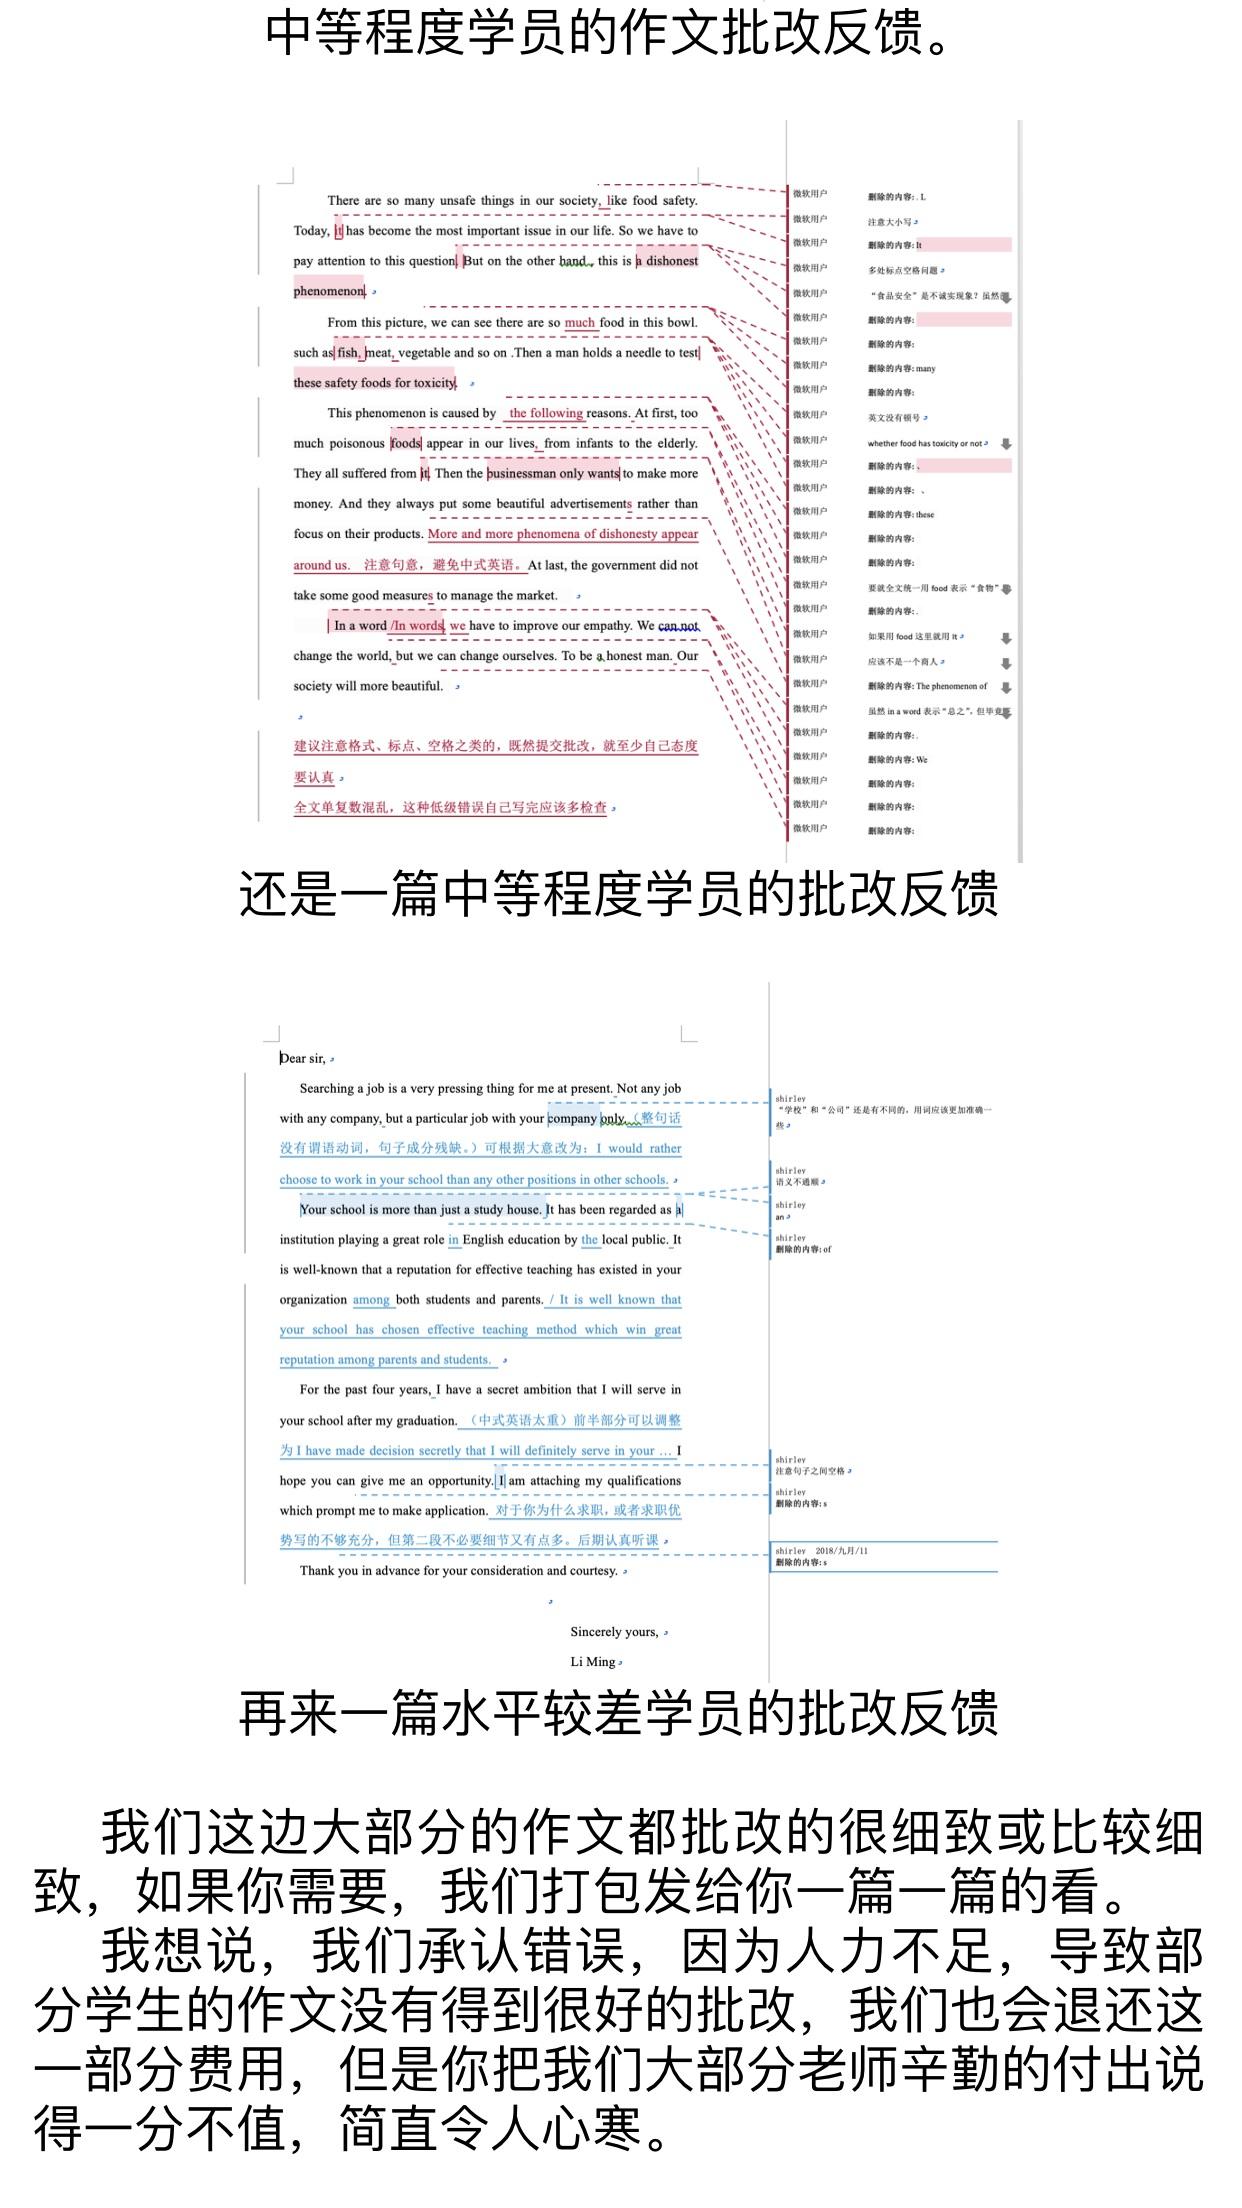 """考研英语""""名师""""辅导机构被指虚假宣传监管部门调查"""